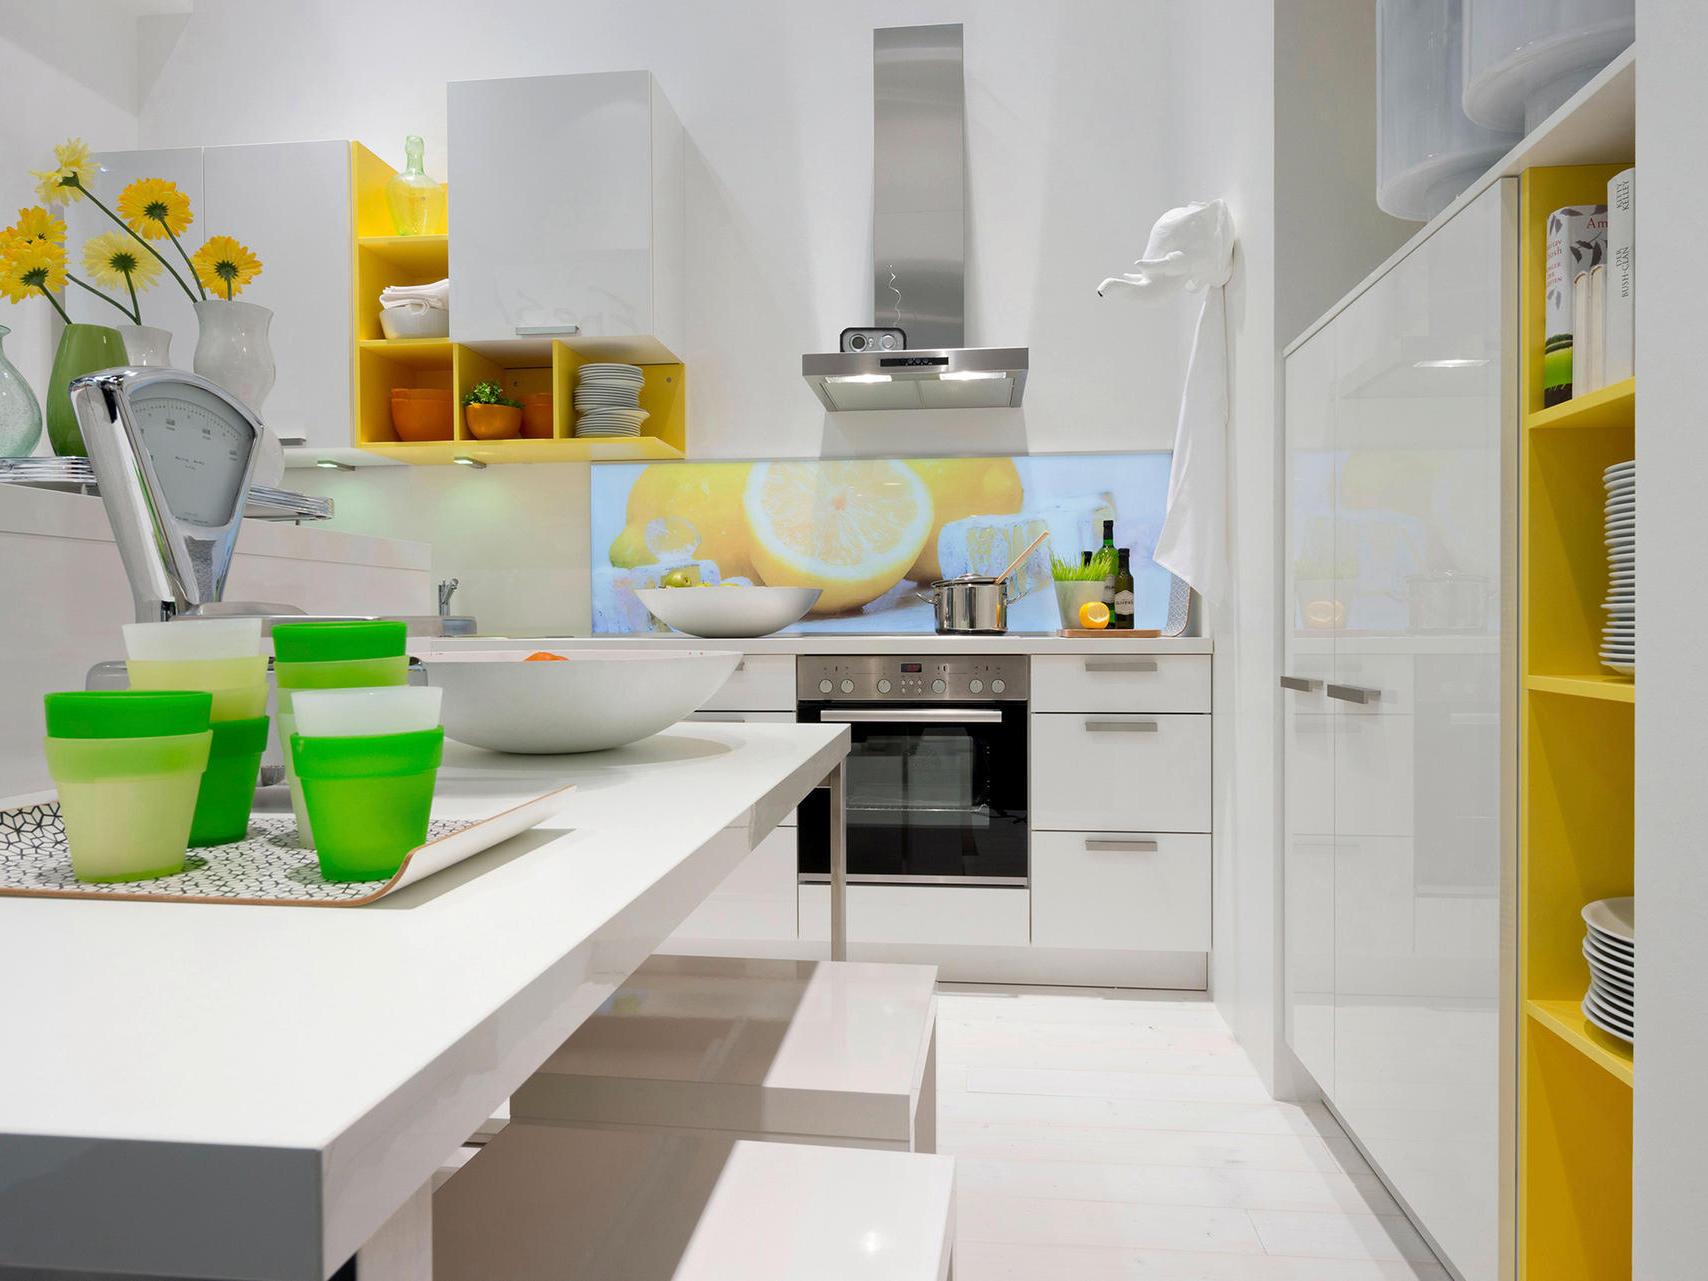 Full Size of Küchen Fliesenspiegel In Der Kche Das Sind Alternativen Regal Küche Selber Machen Glas Wohnzimmer Küchen Fliesenspiegel